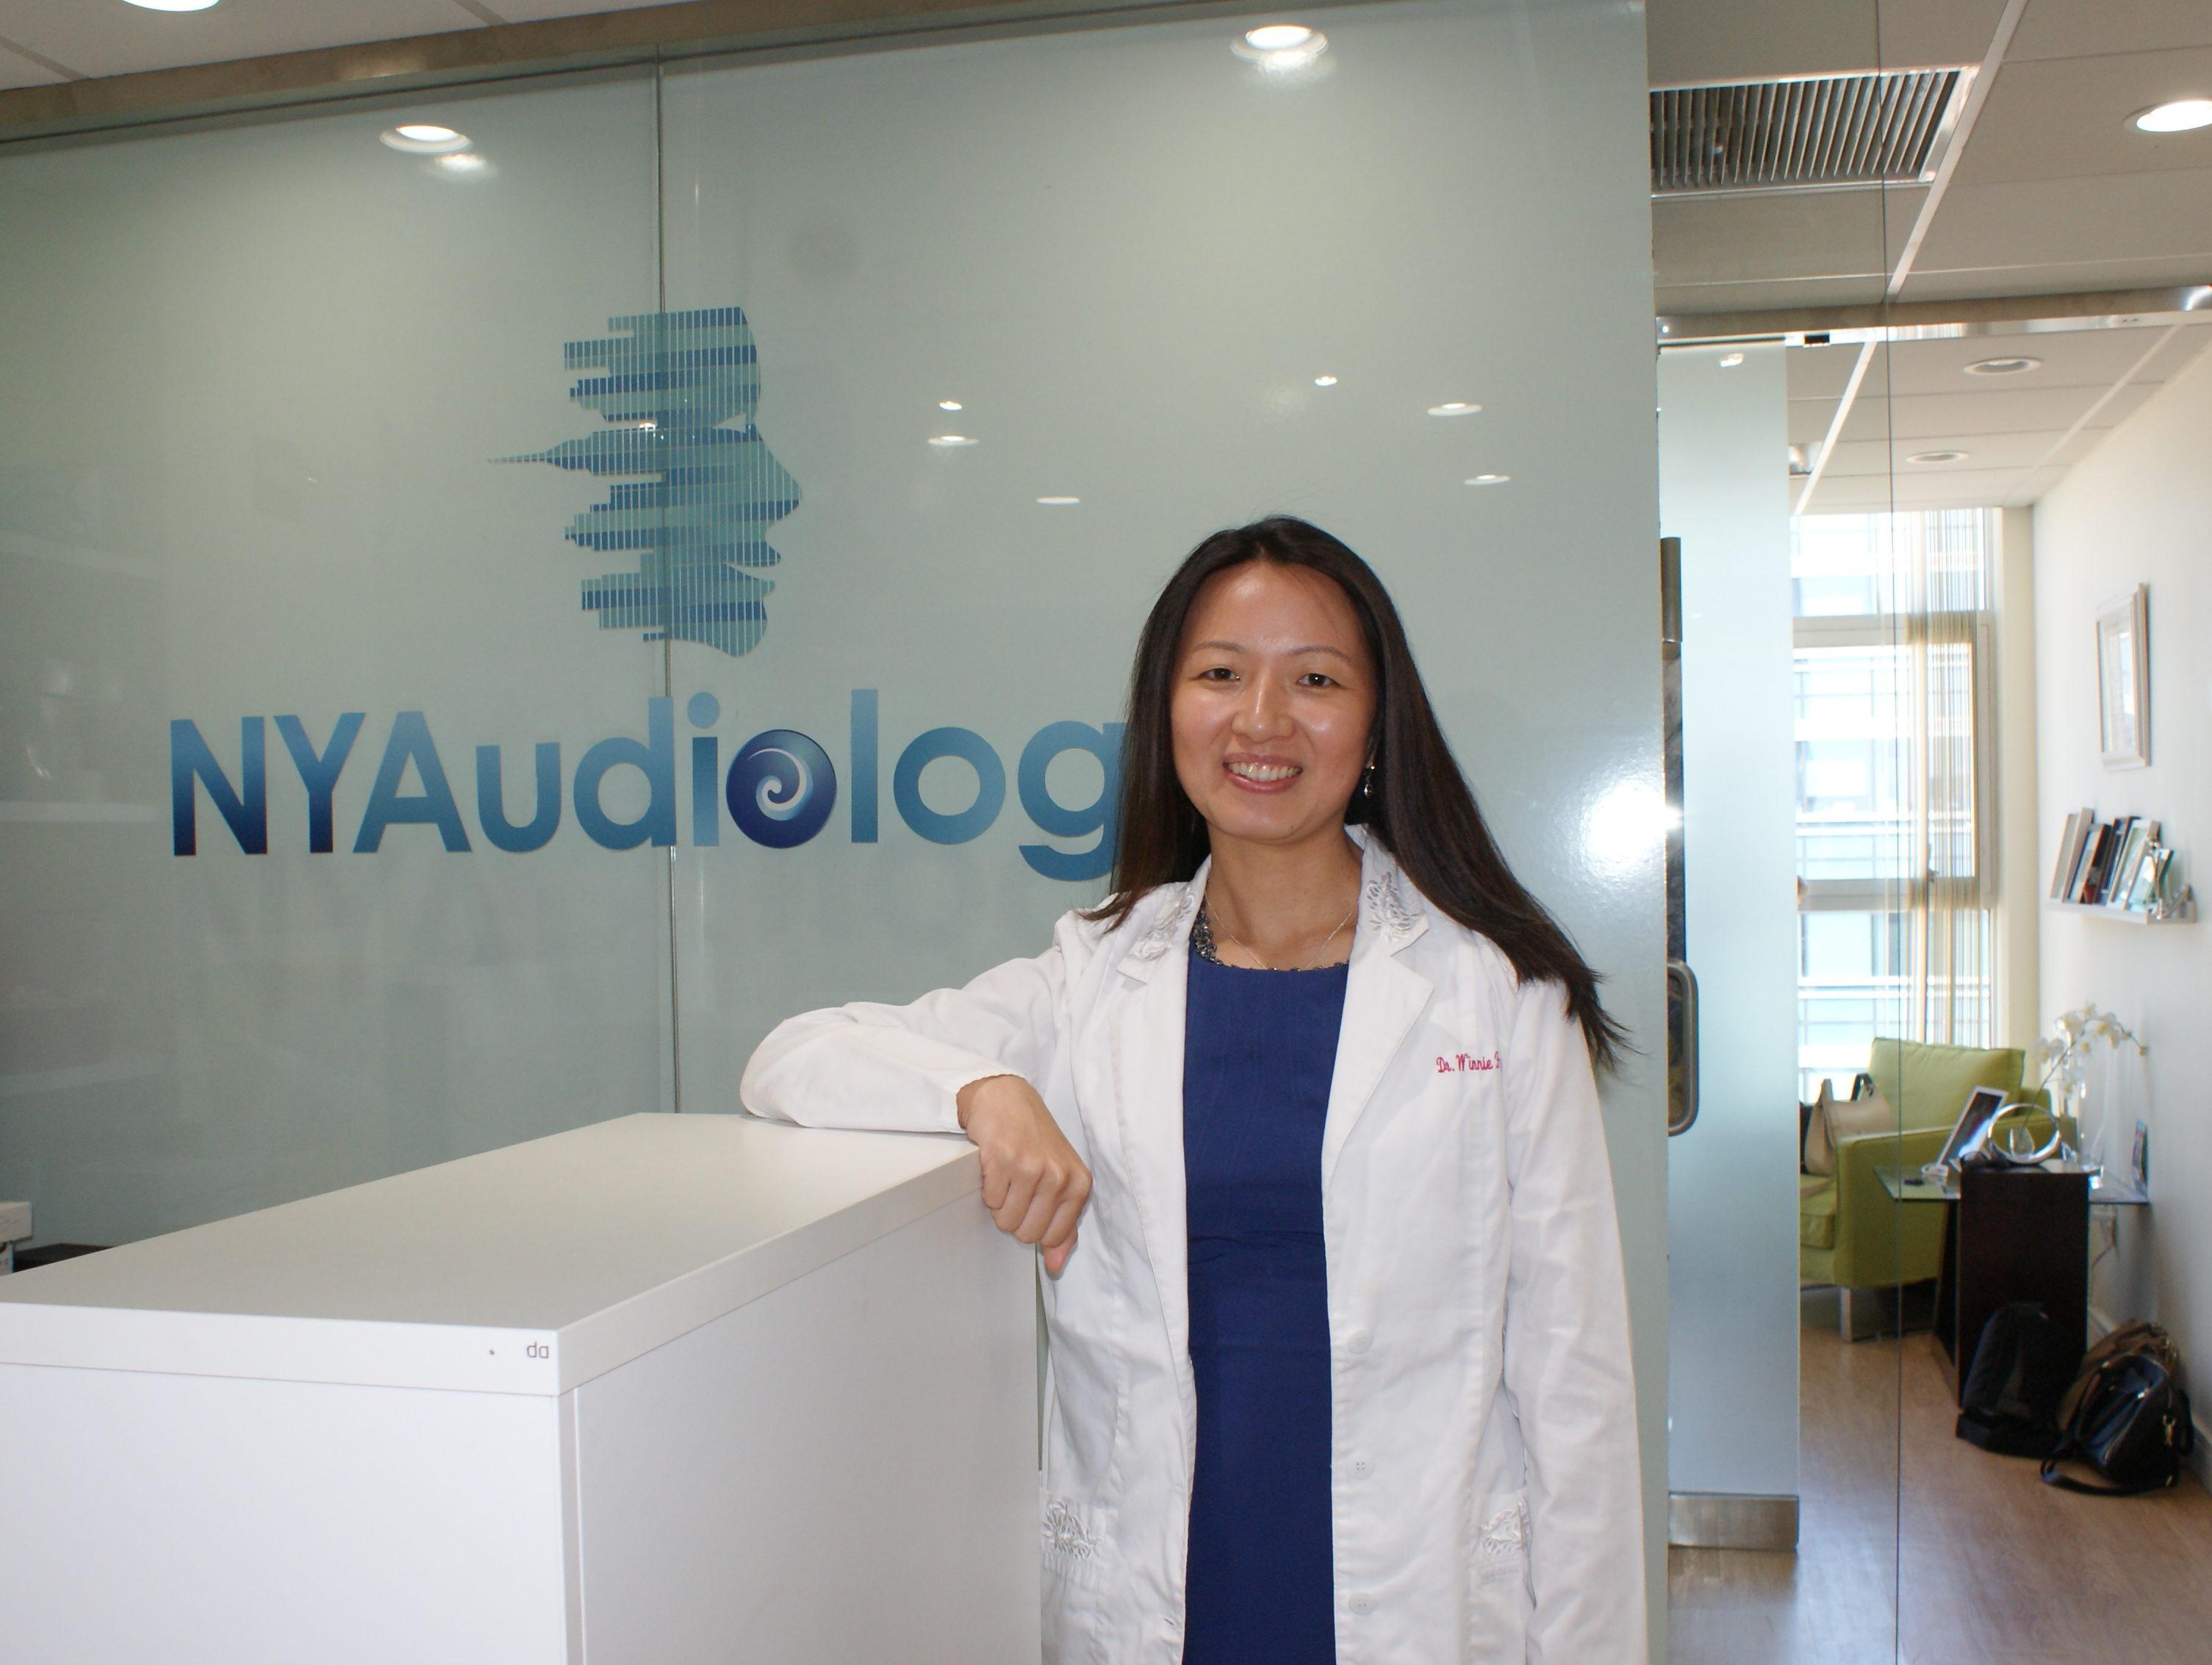 听力学博士冯家悦介绍,未必所有病人都需要最好质量的助听器,但是对于听力受损严重的老年人,助听器质量越好,会让他们戴得舒适。(张学慧/大纪元)